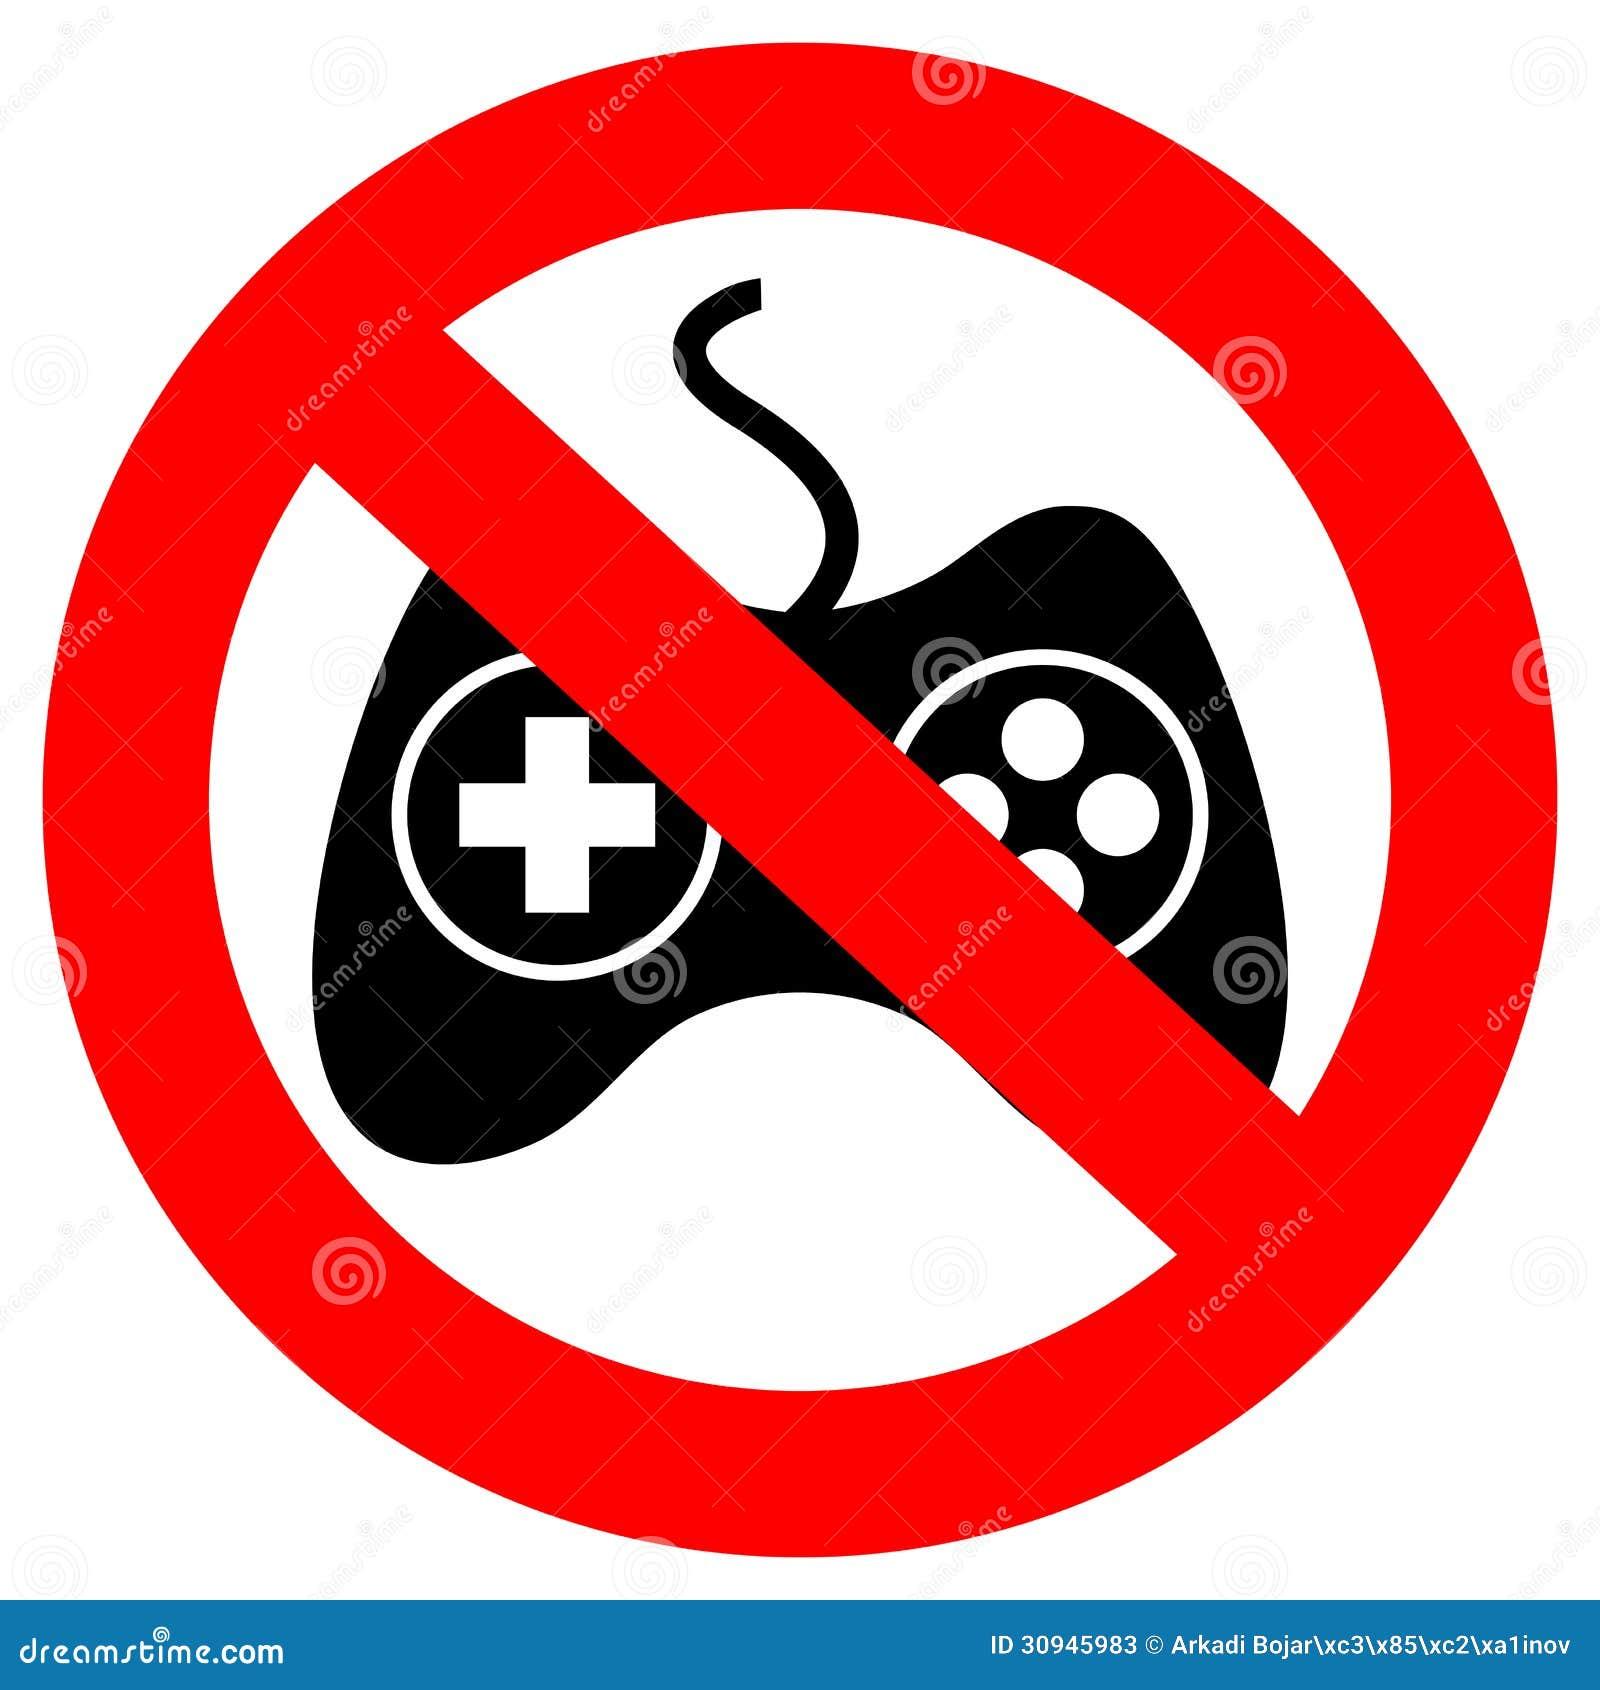 No gambling sign allen m.roulette